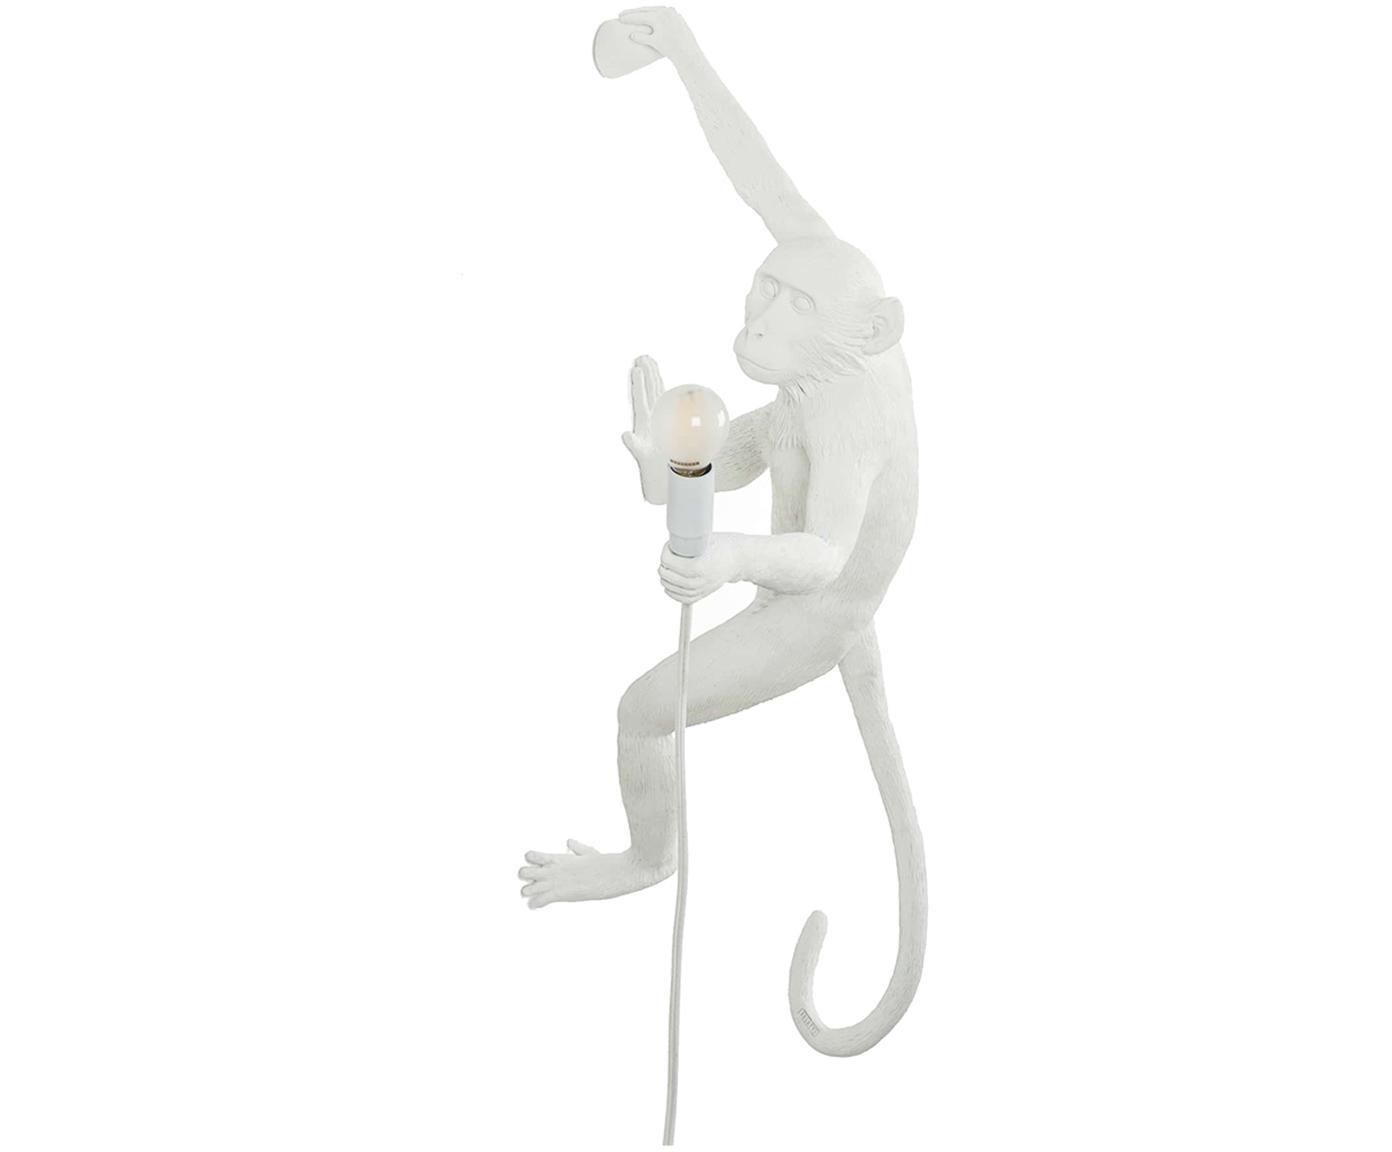 Wandleuchte The Monkey mit Stecker, Polyresin, Weiß, 21 x 77 cm